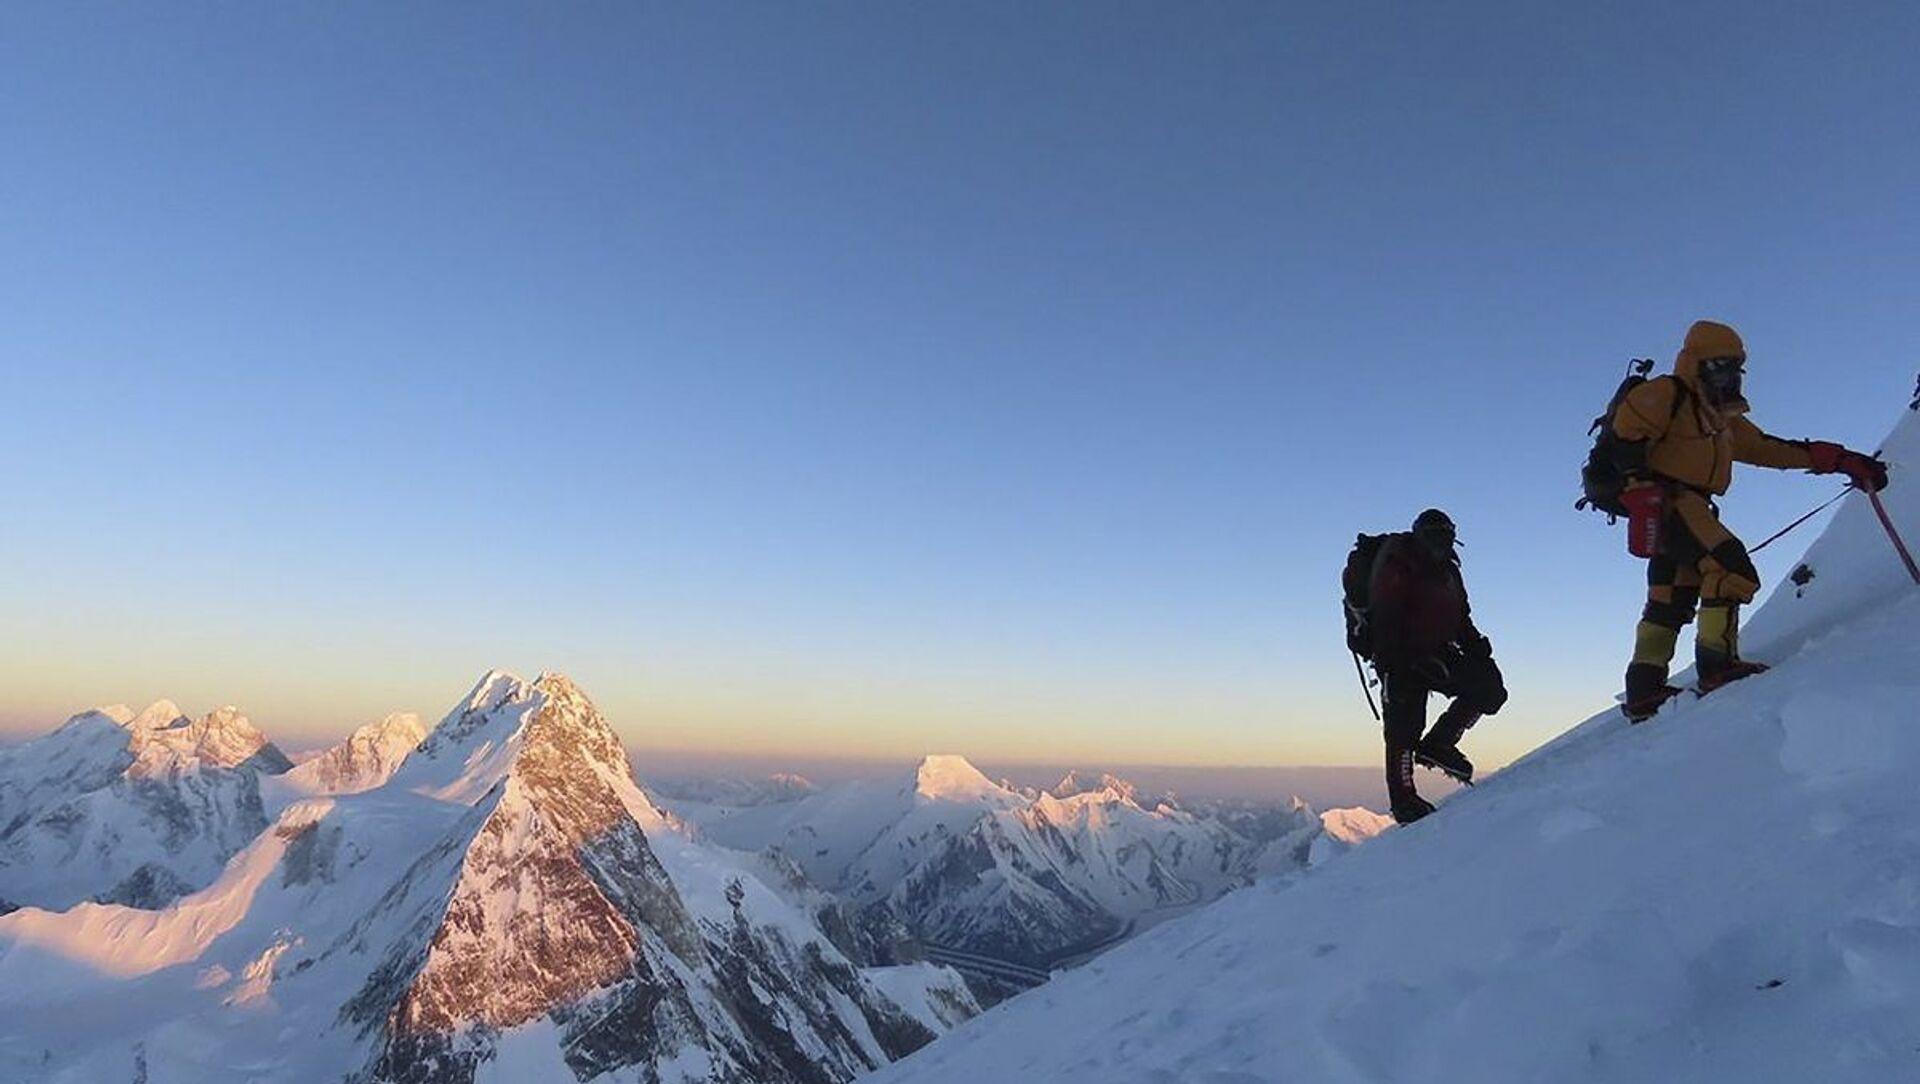 K2 dağı - Pakistan - Sputnik Türkiye, 1920, 27.07.2021